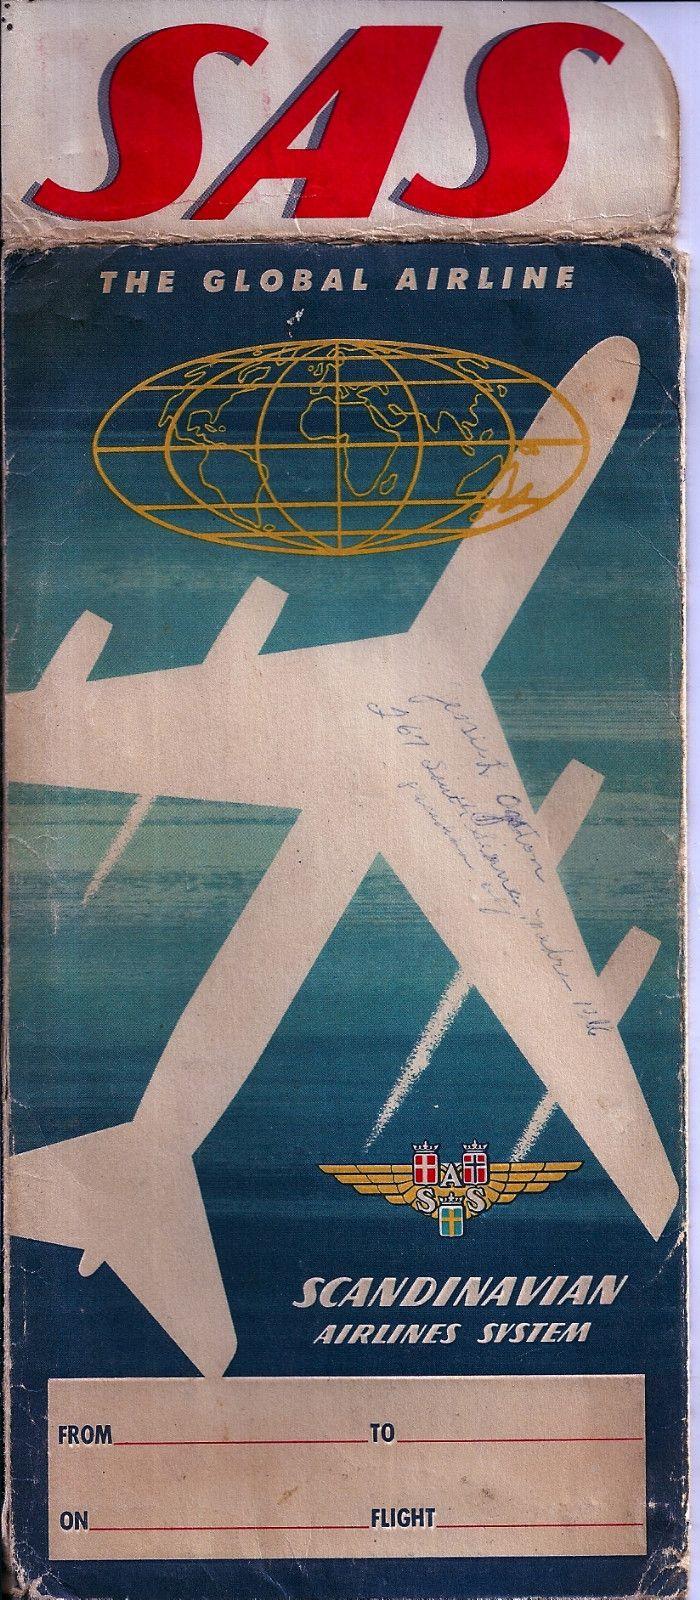 Scandinavian Airlines System Dc 8 Ticket Jacket 1958 Danmark